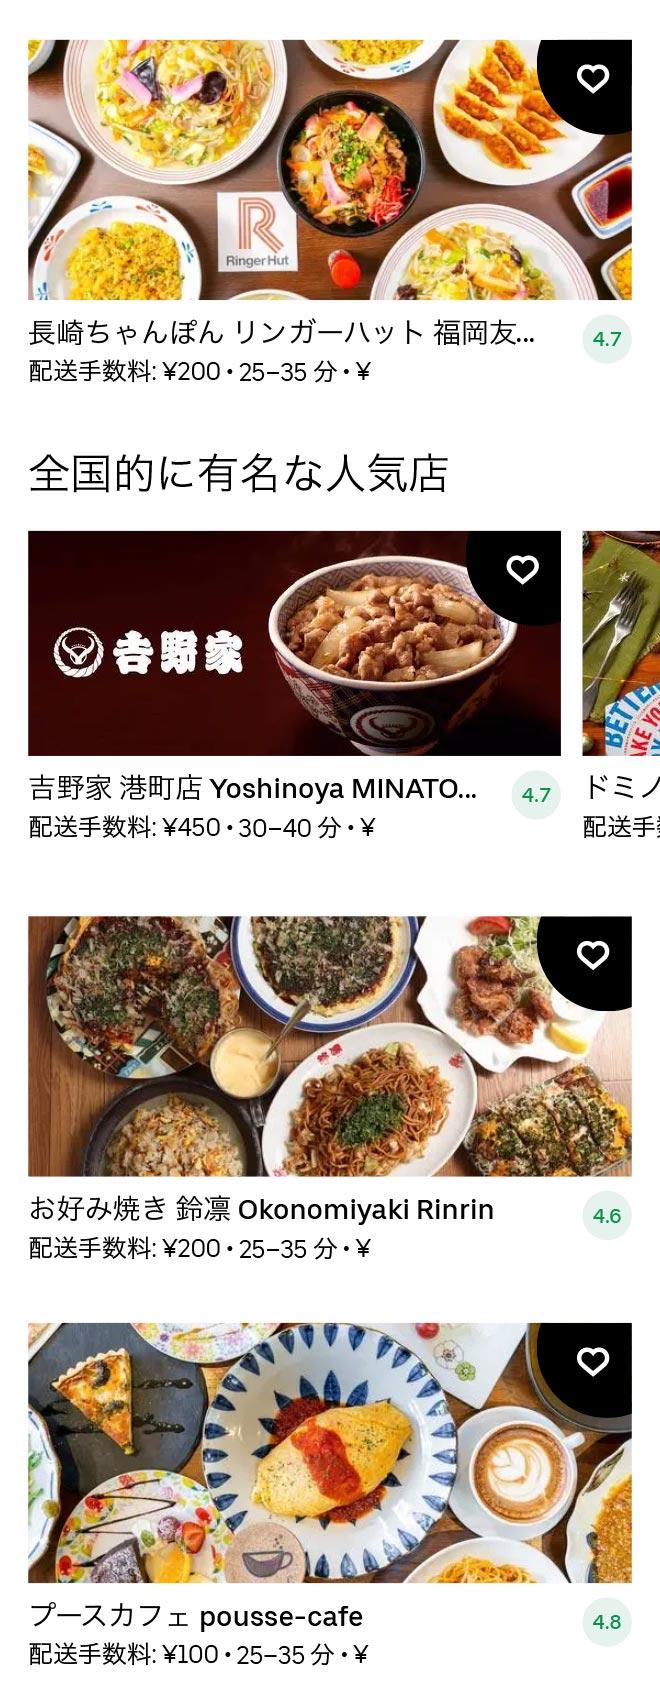 Nanakuma menu 2101 06